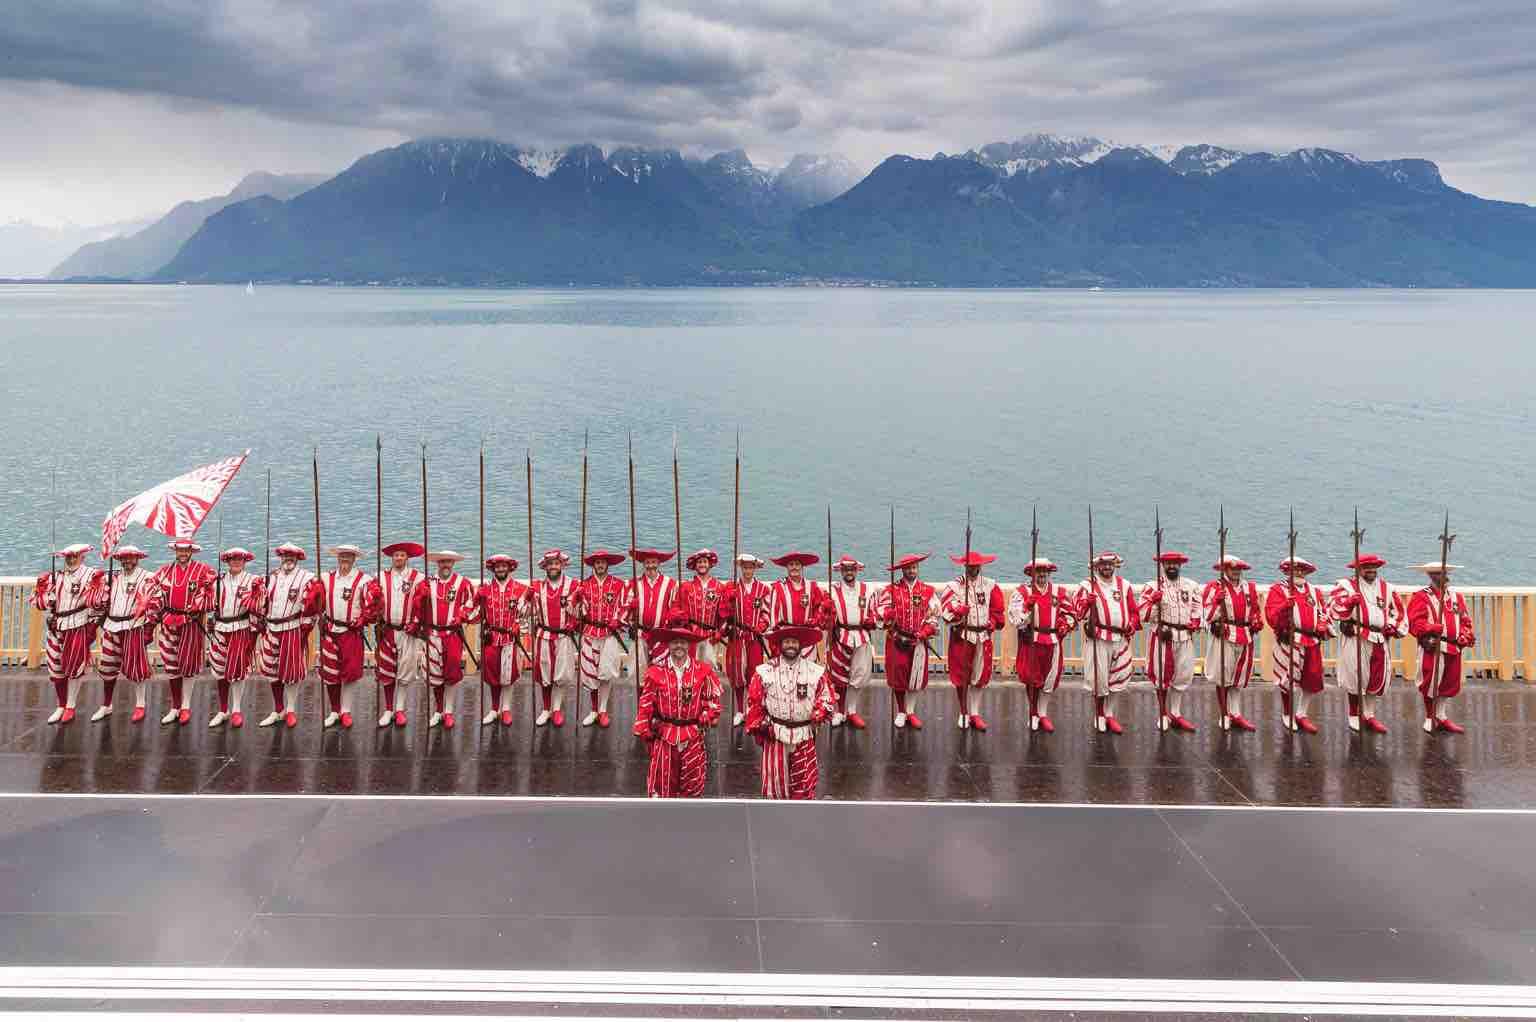 Fete des Vignerons 2019 Vevey Switzerland